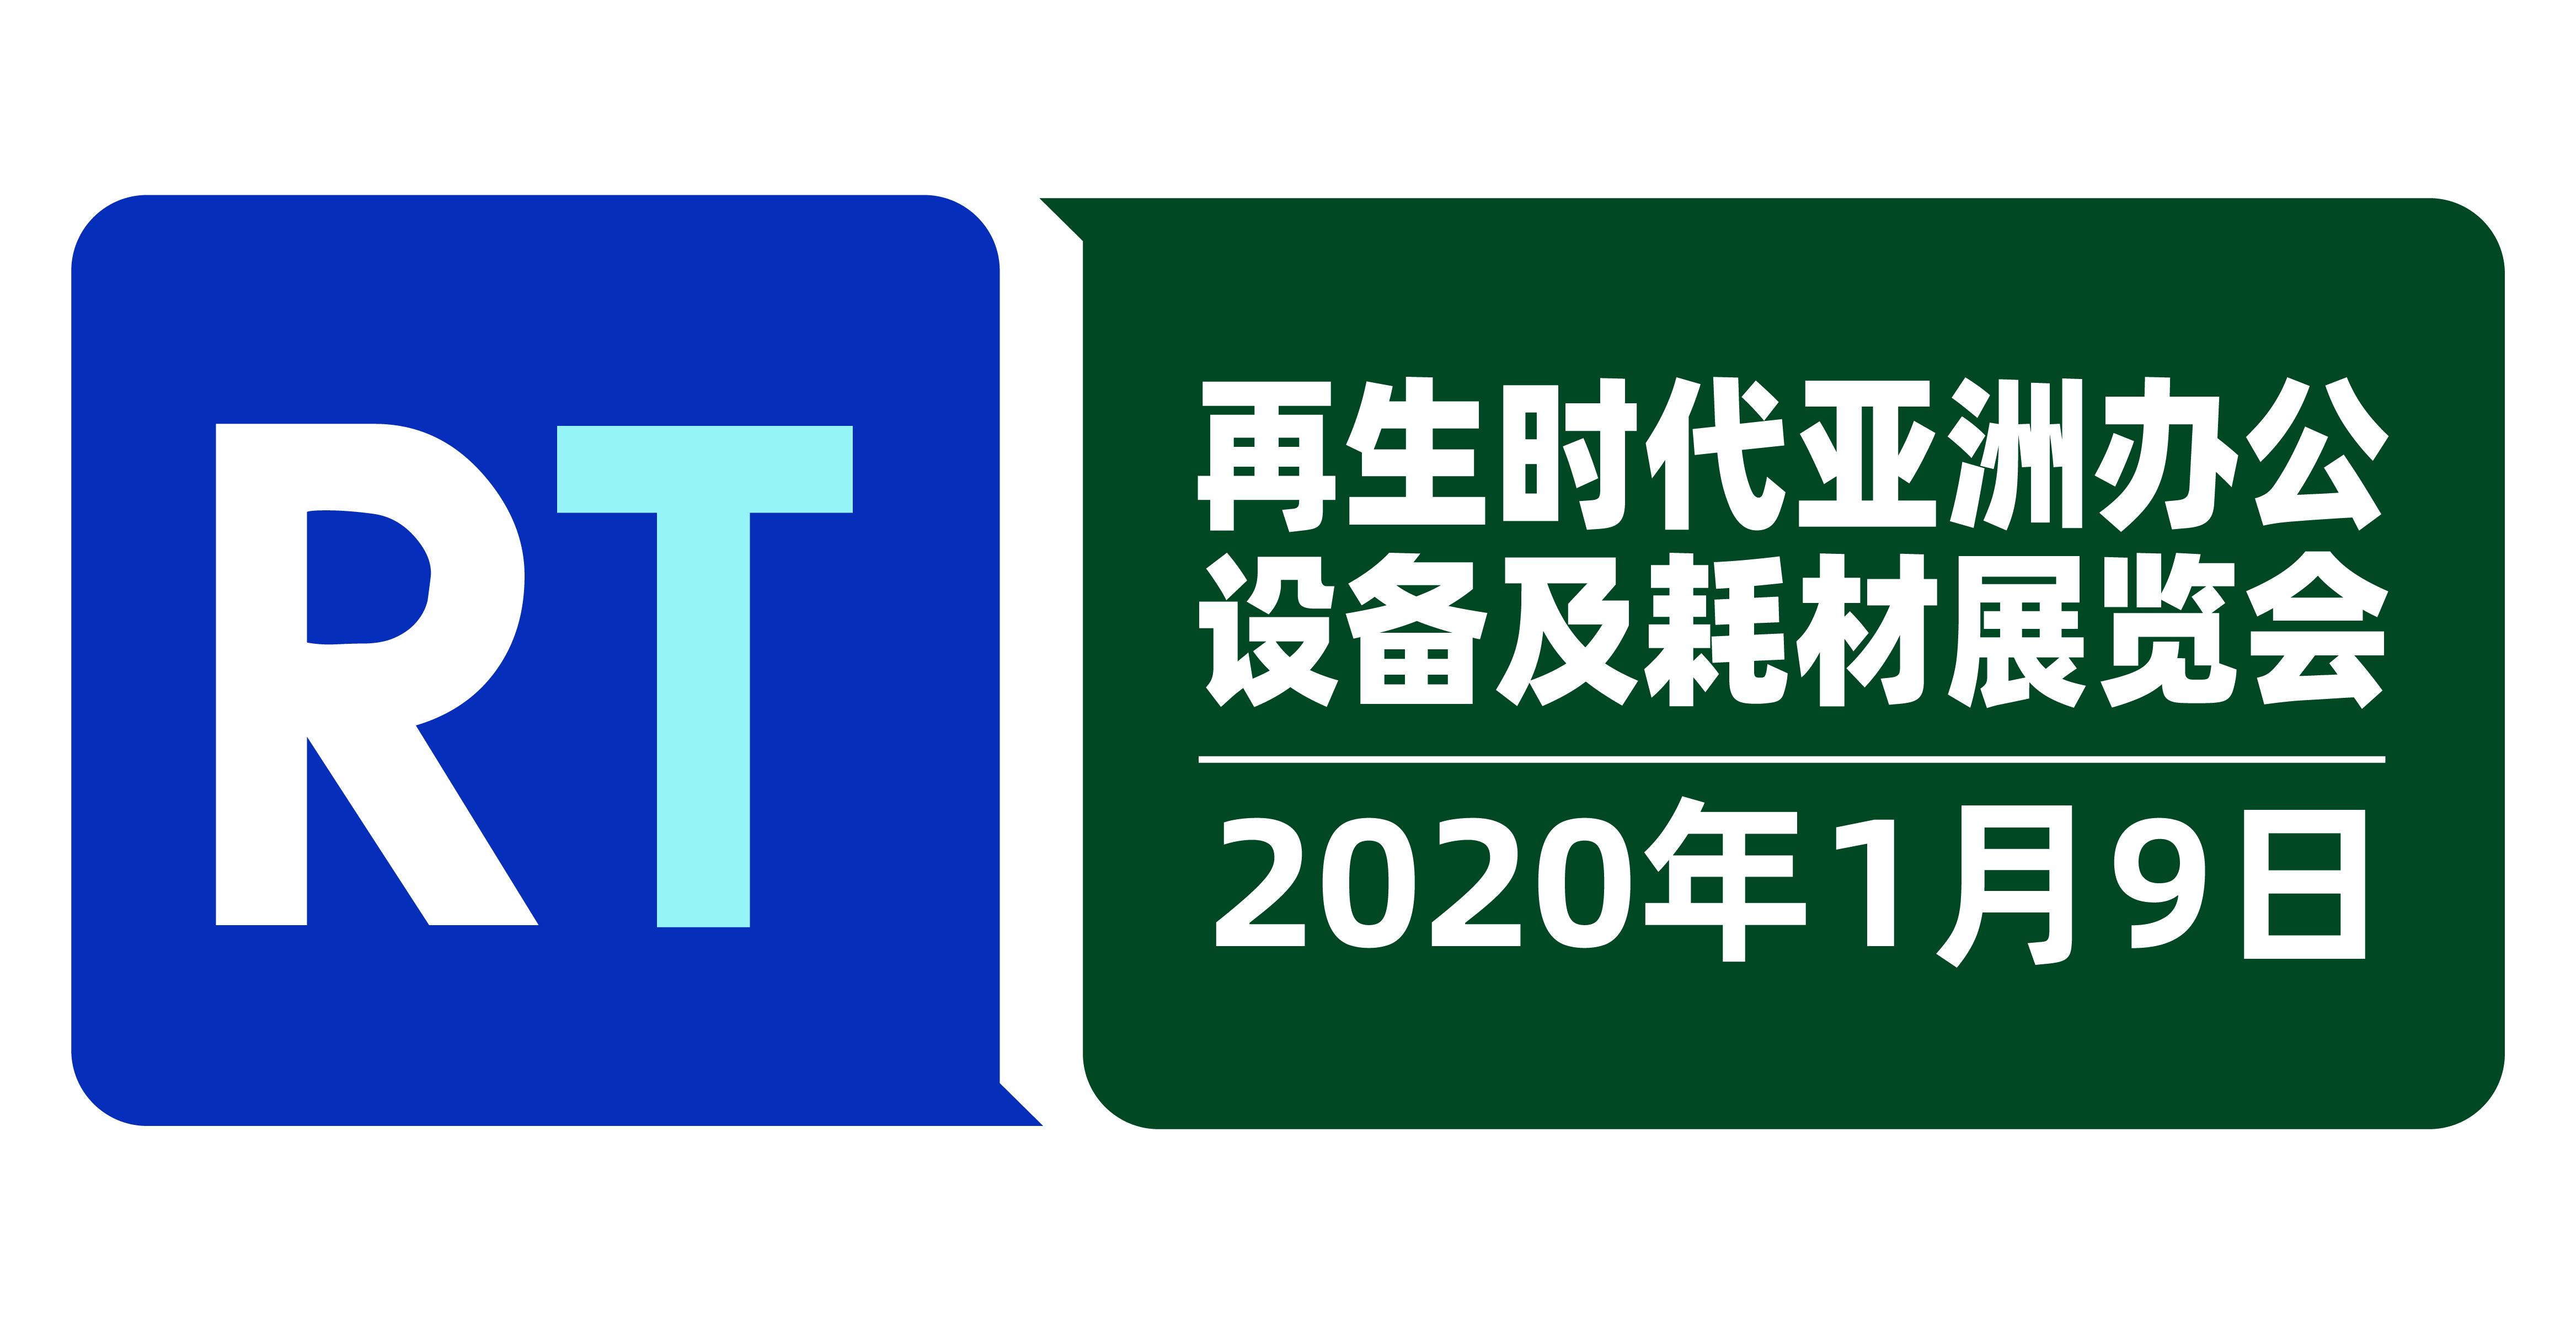 2020再生时代亚洲办公设备及耗材展览会(巴基斯坦)